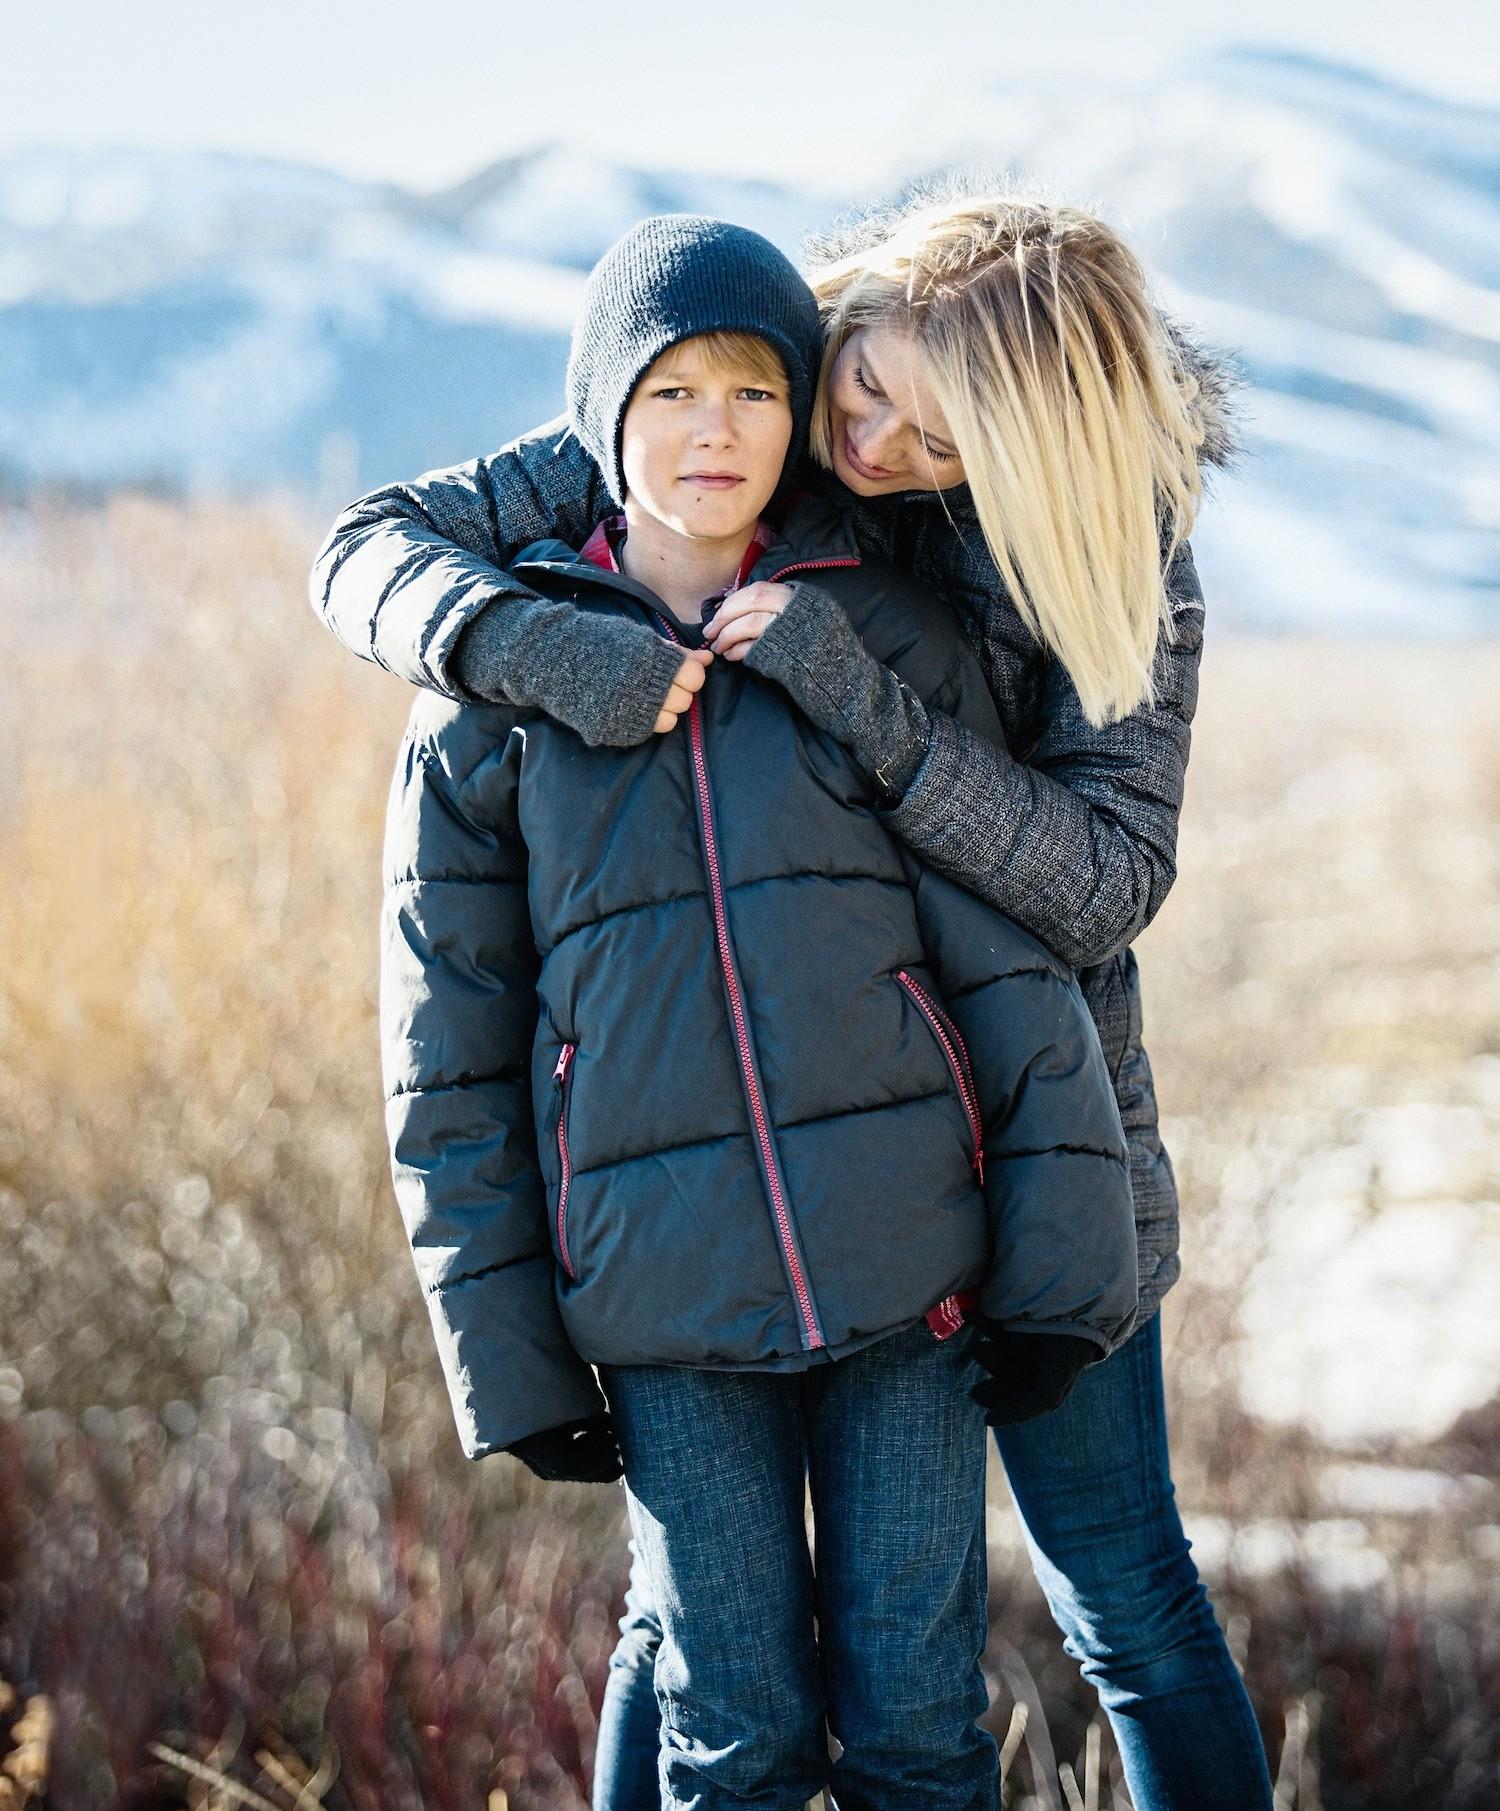 Подросток взрослеет: как понять и пережить?